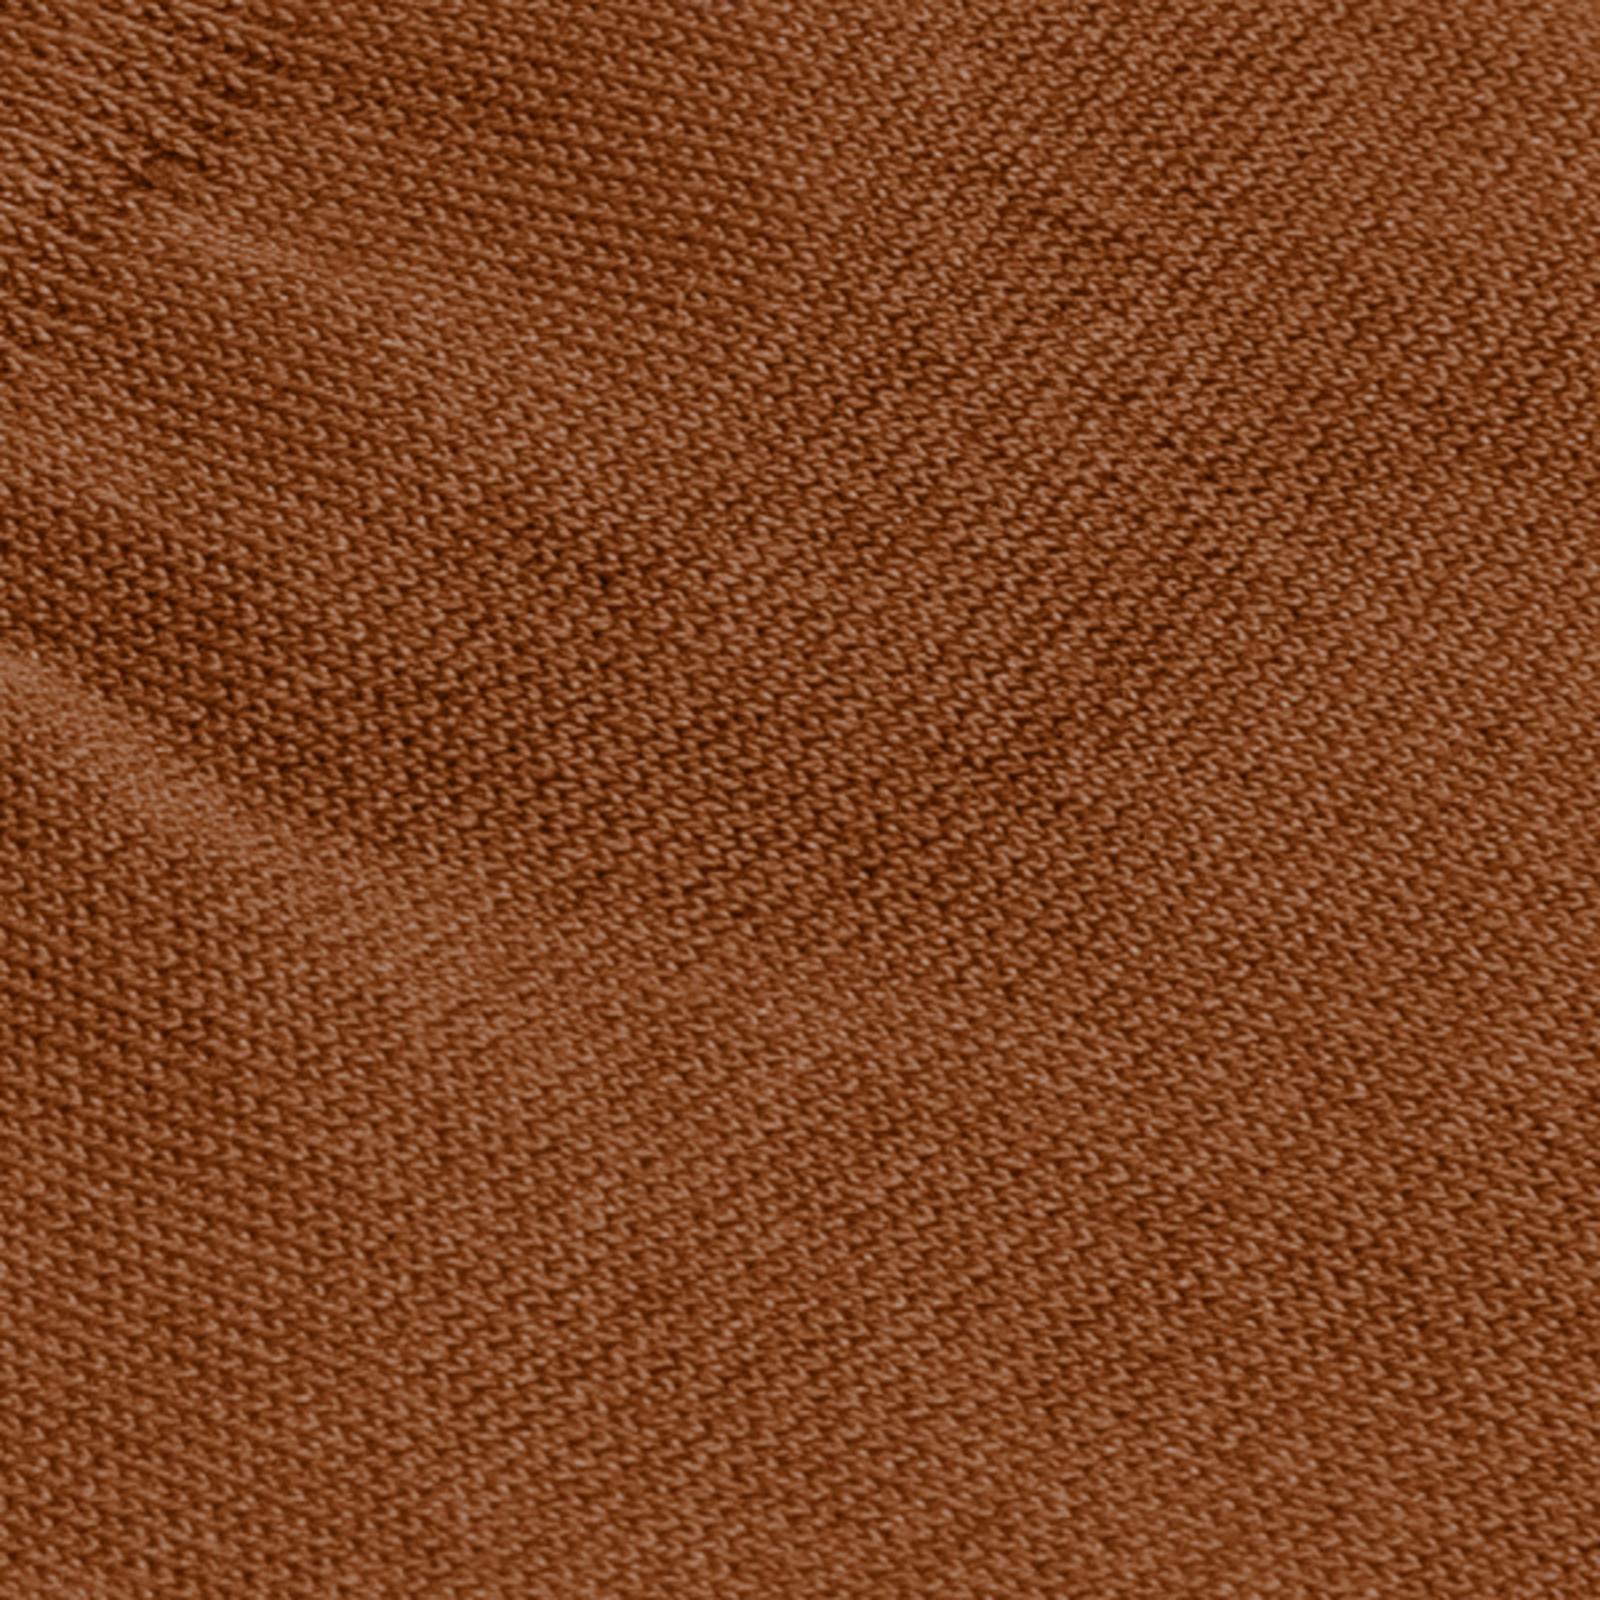 Carlo Lanza Cognac/Kamel Socken Baumwolle